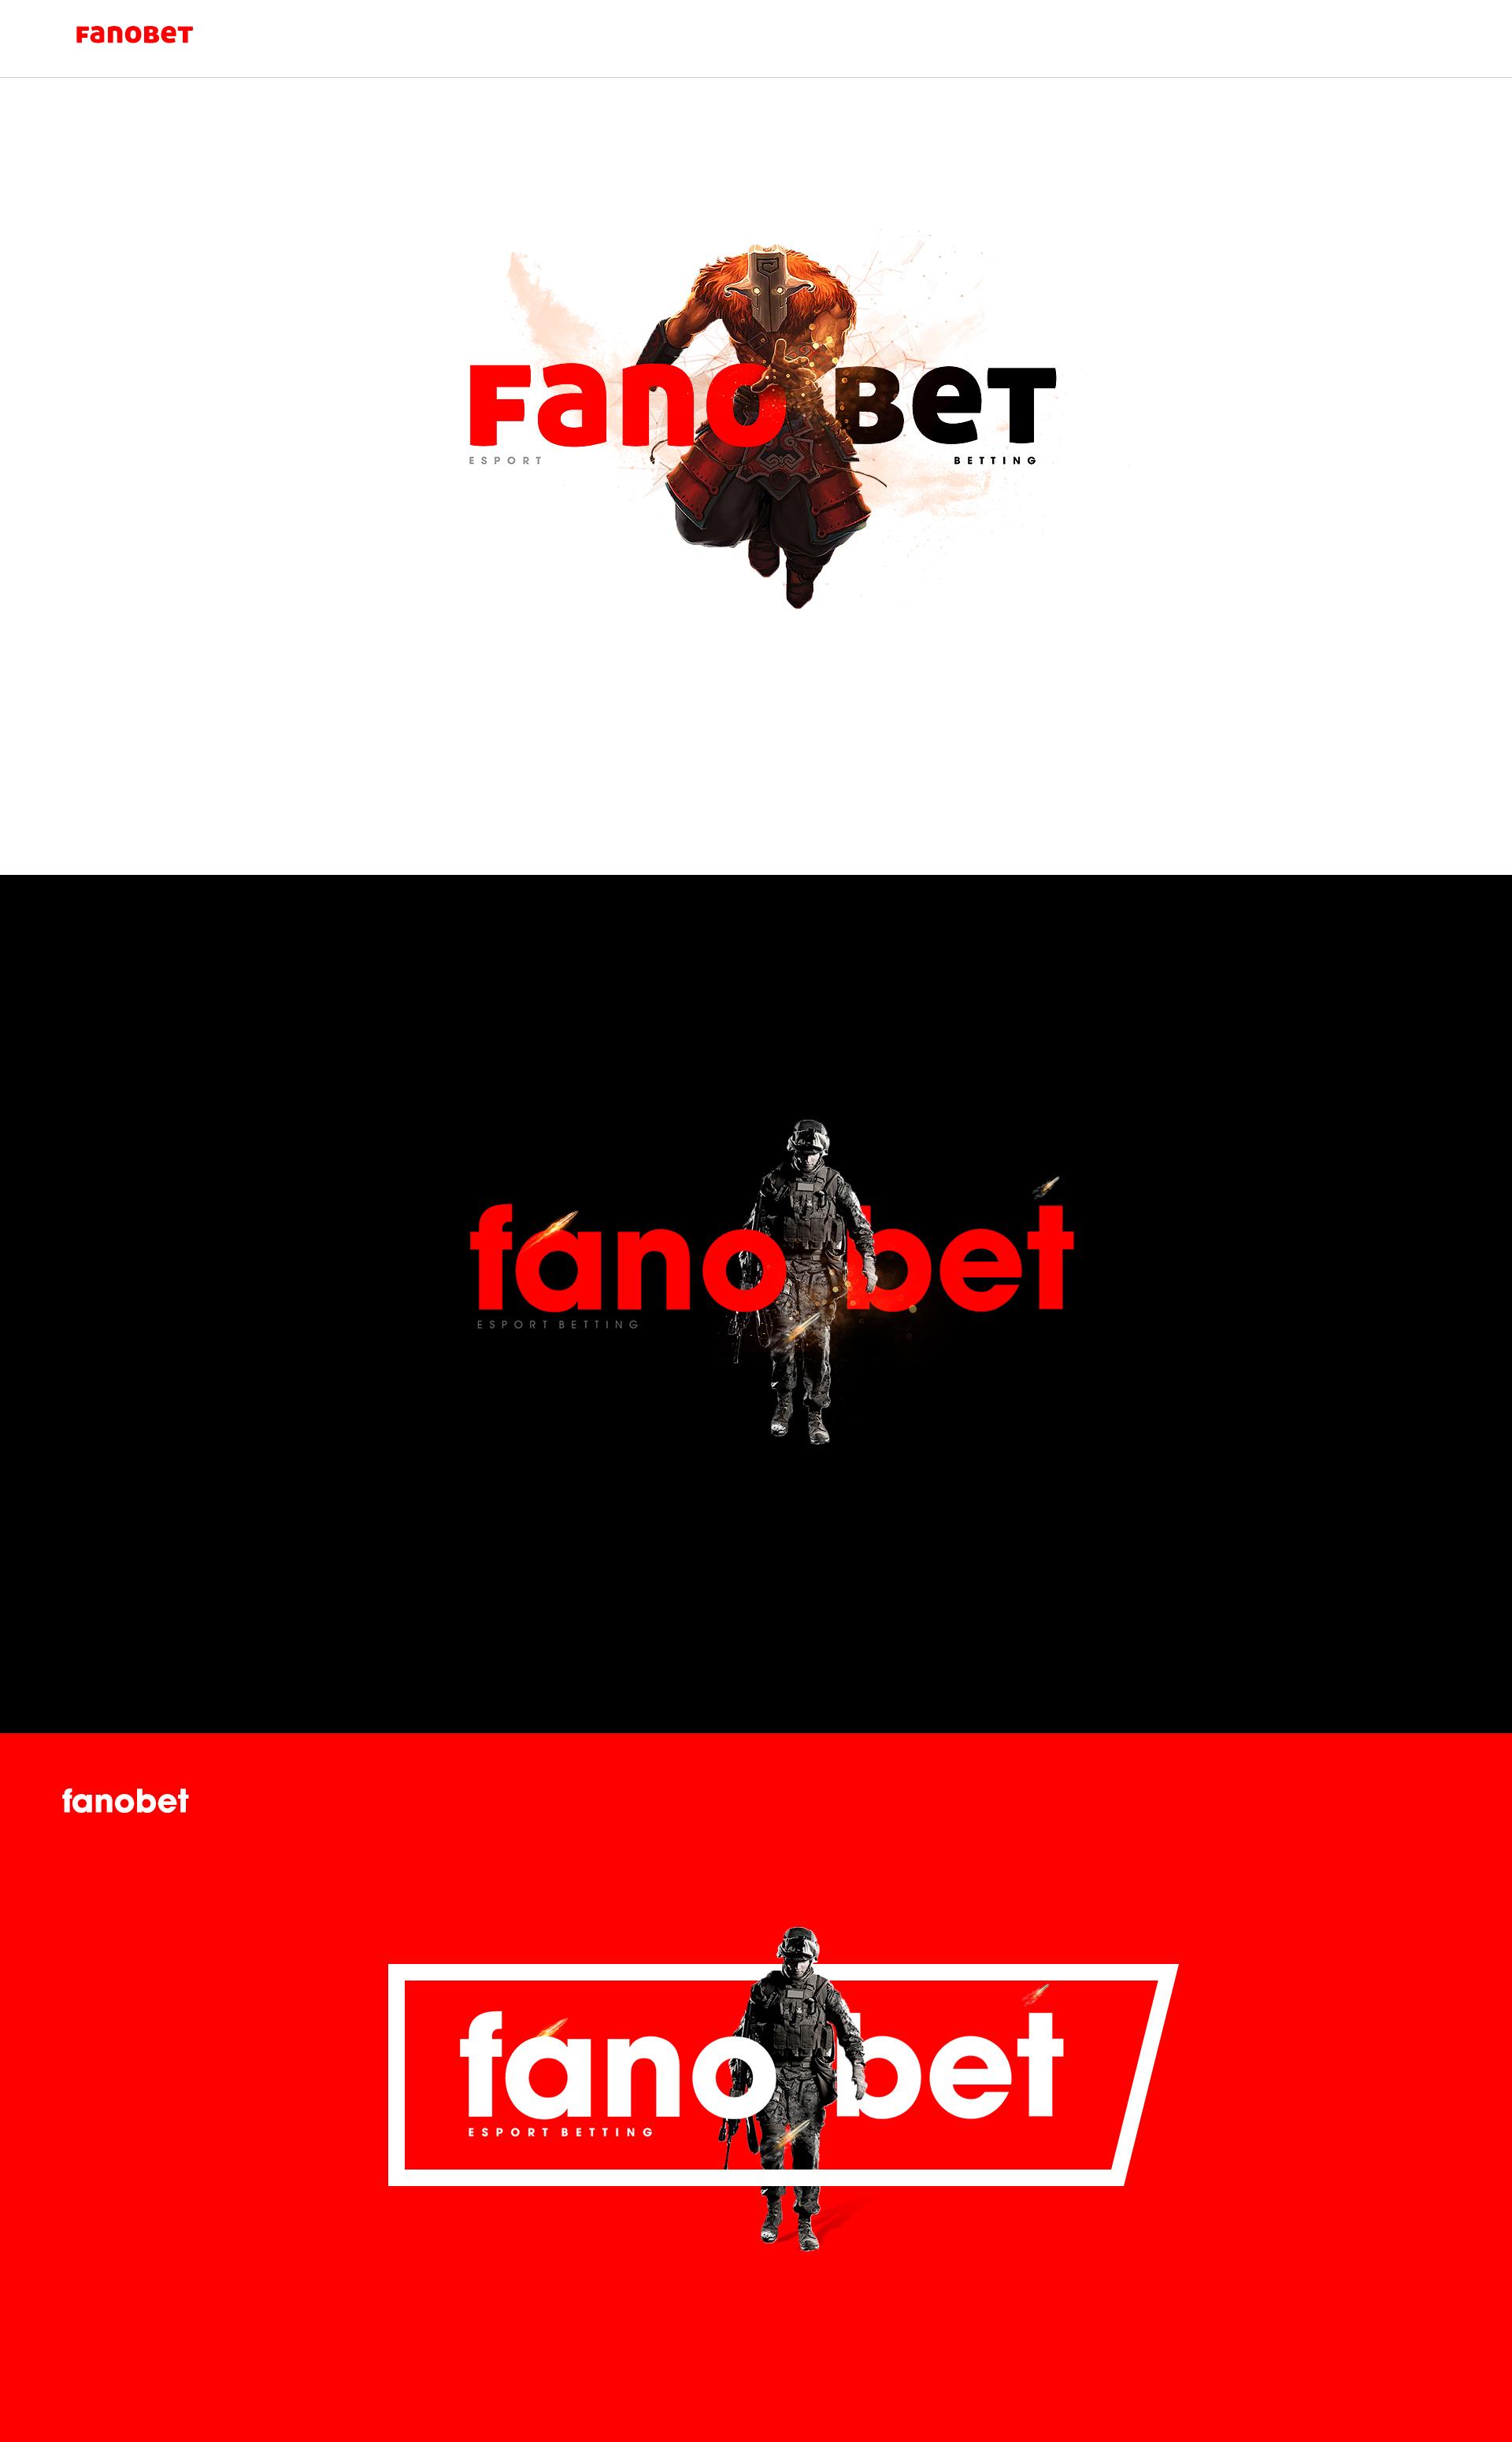 FANOBET_CONCEPT